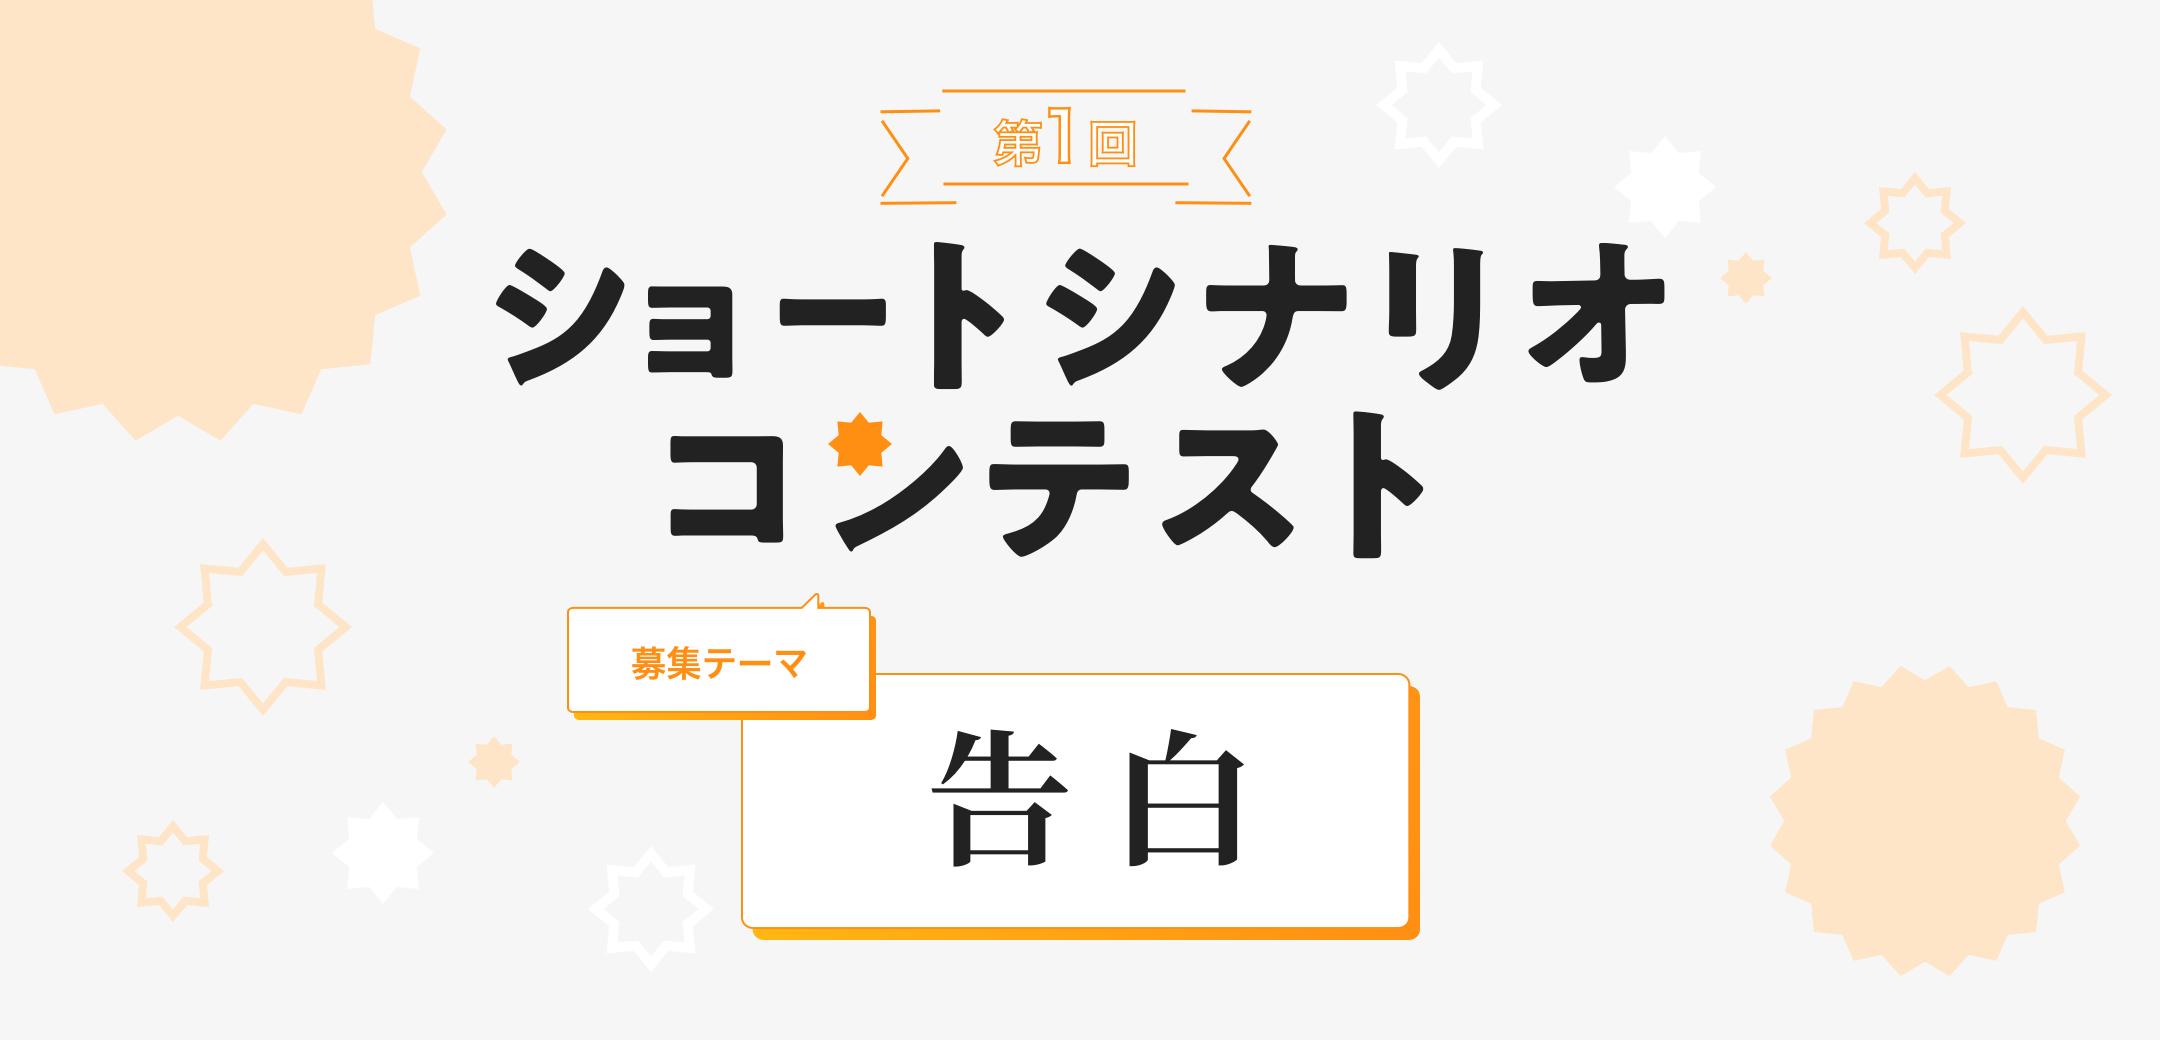 第1回ショートシナリオ・短編小説コンテスト